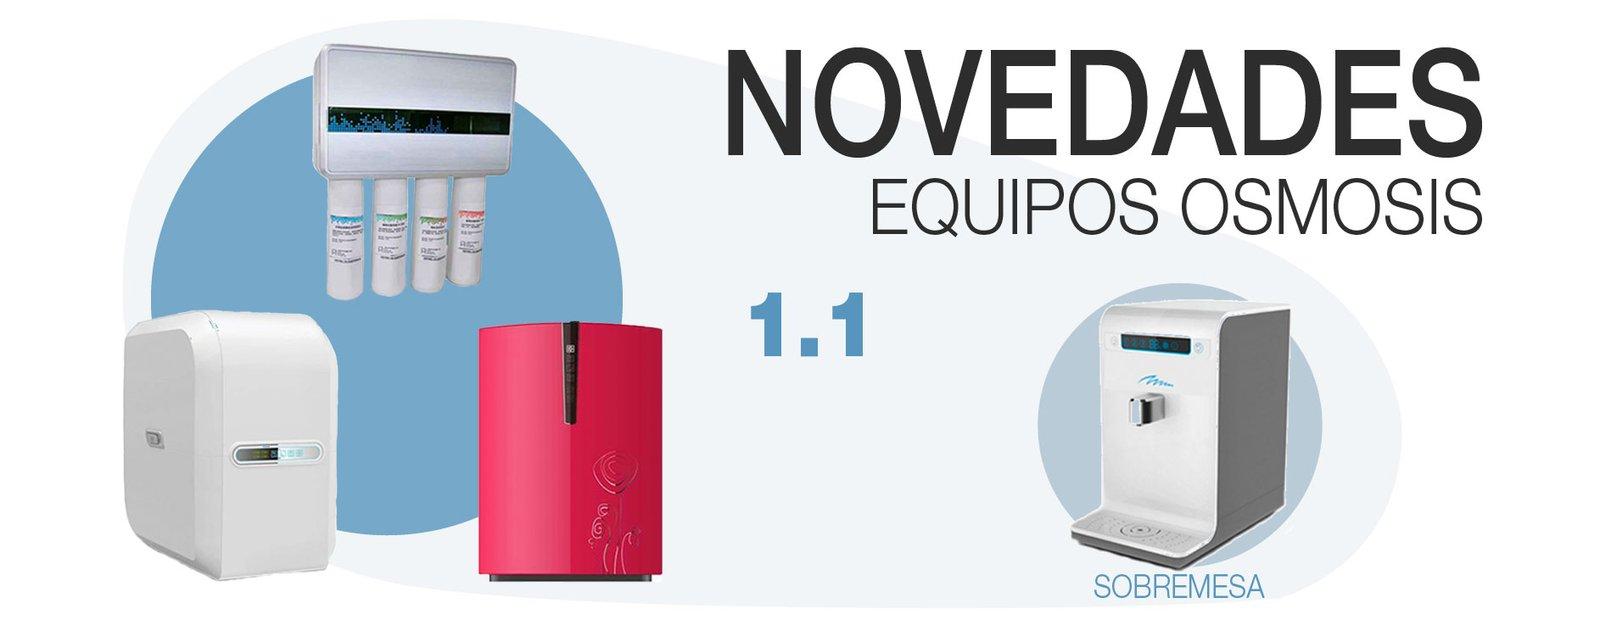 osmosis filtración agua egaraigua